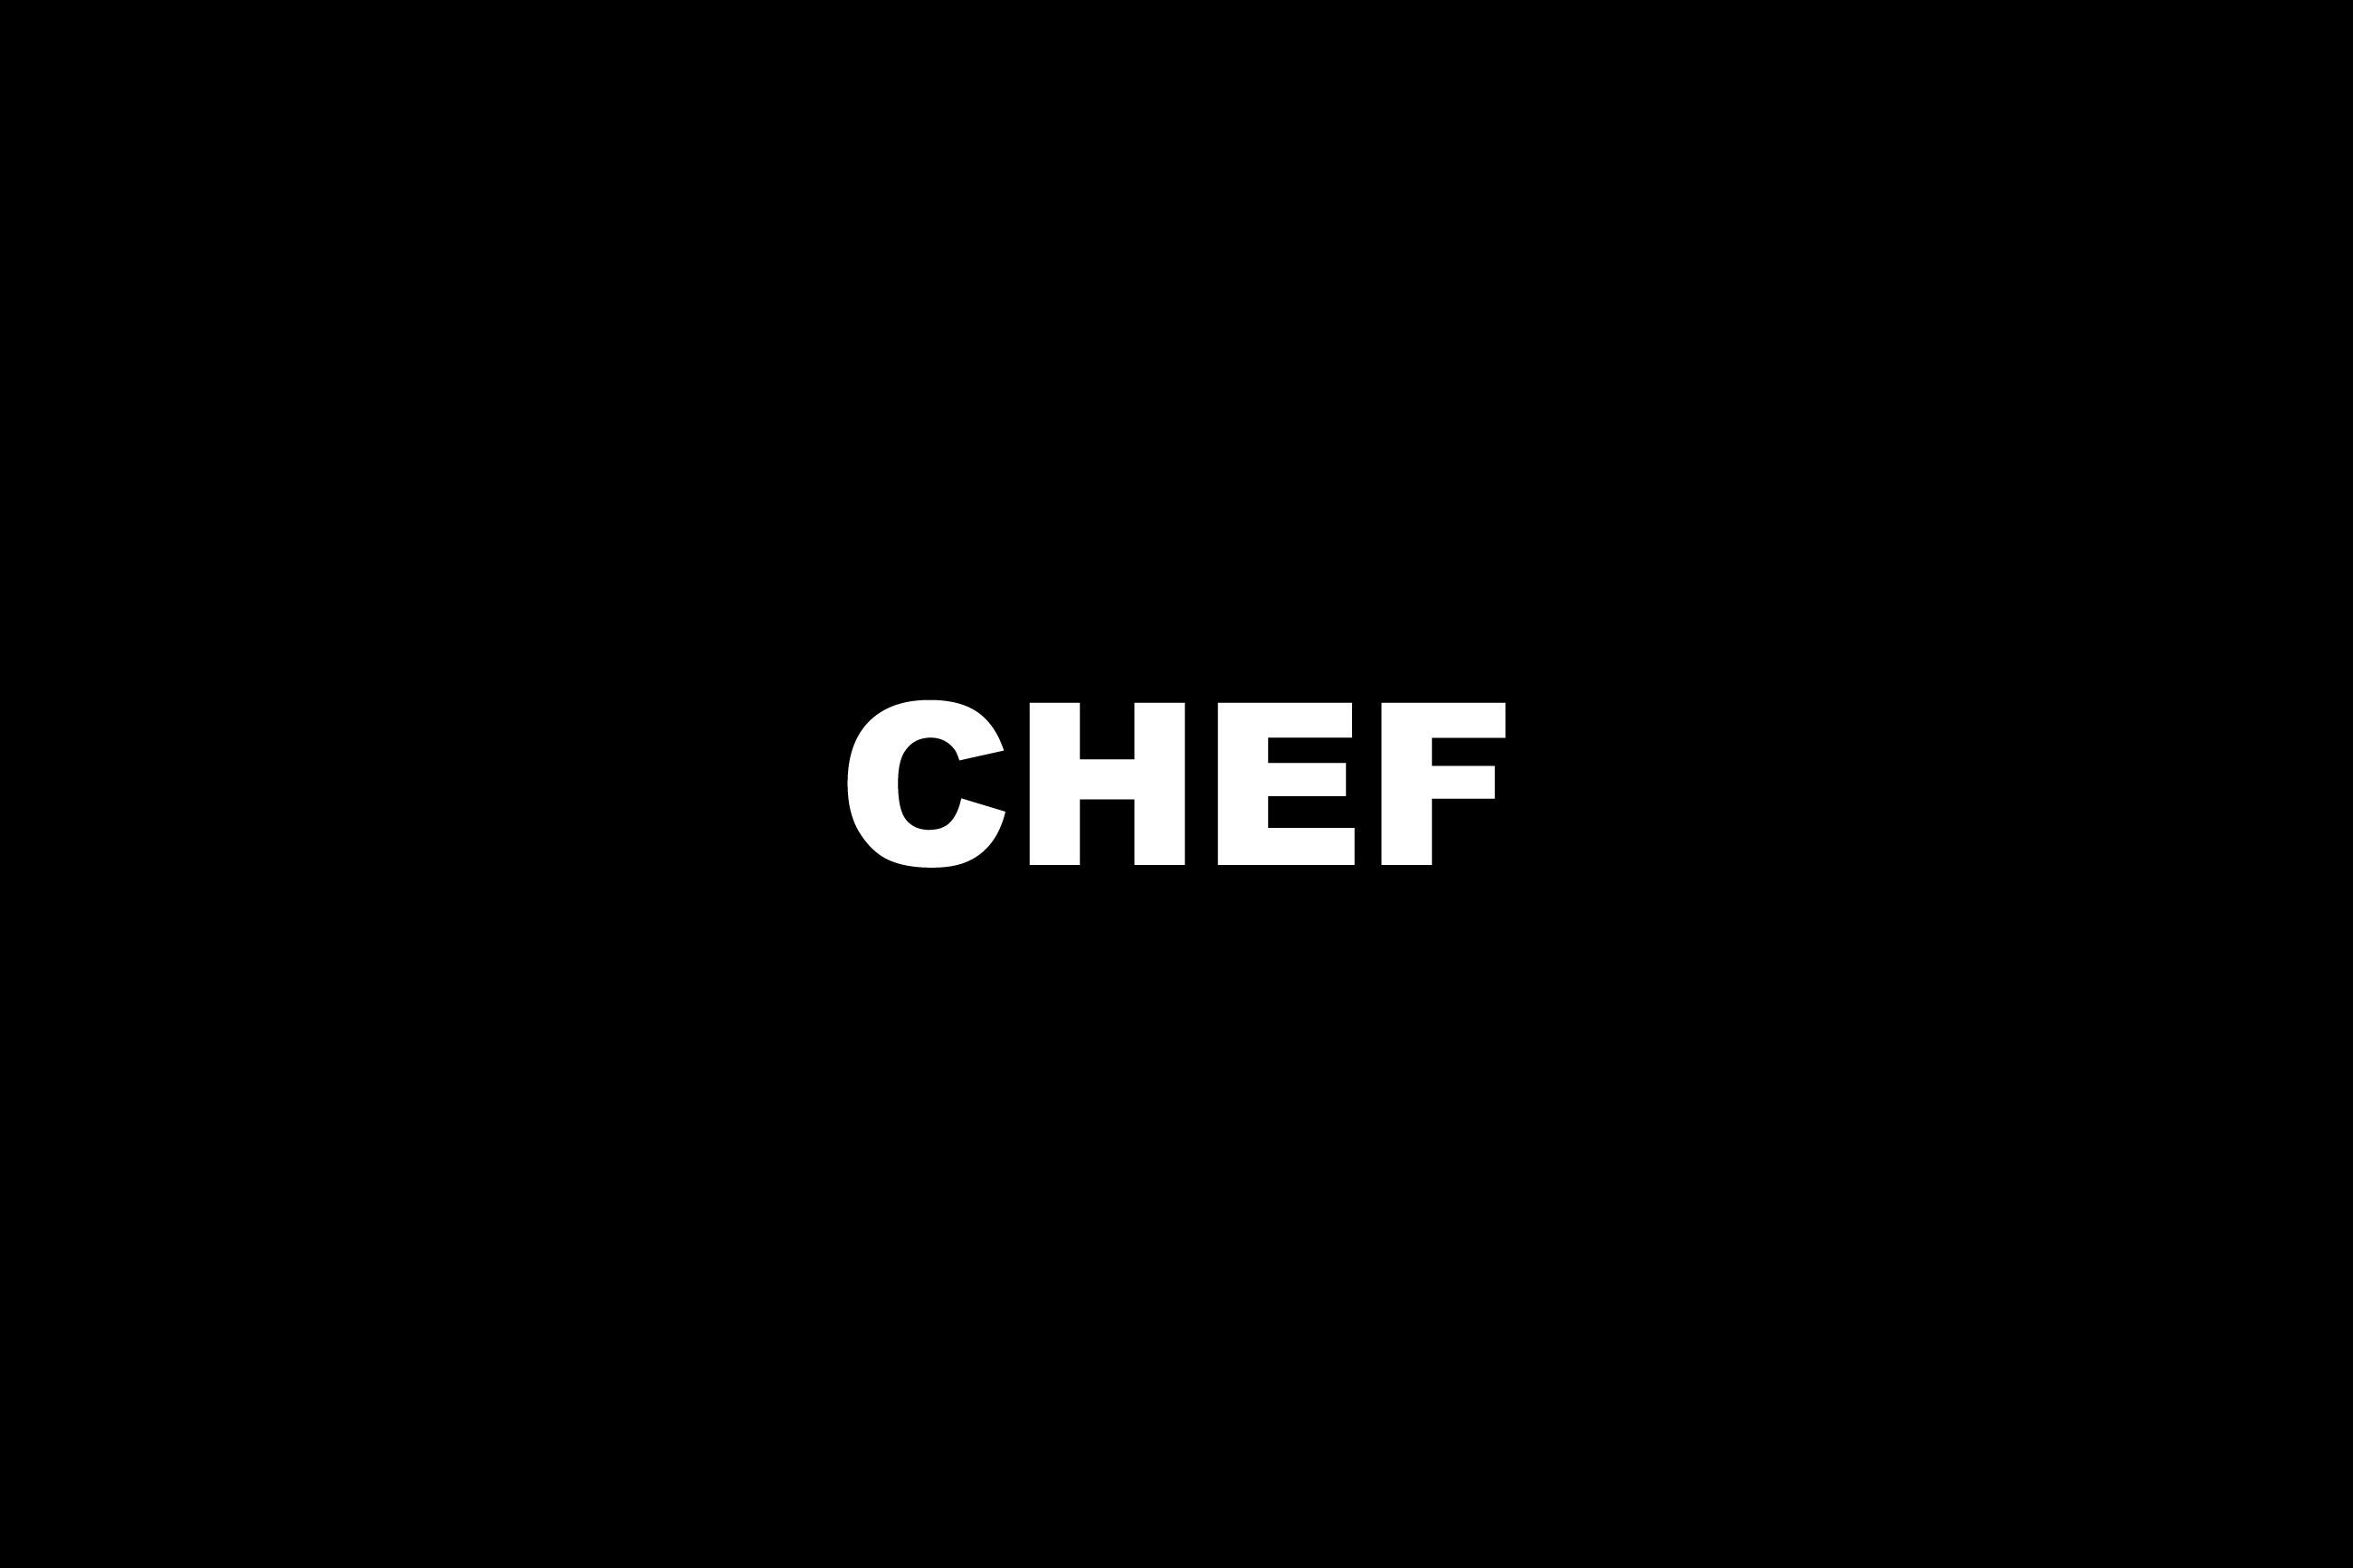 Chef, DJ Chef, Pyro, PyroRadio, Pyro Radio, Pyro, PyroRadio.com